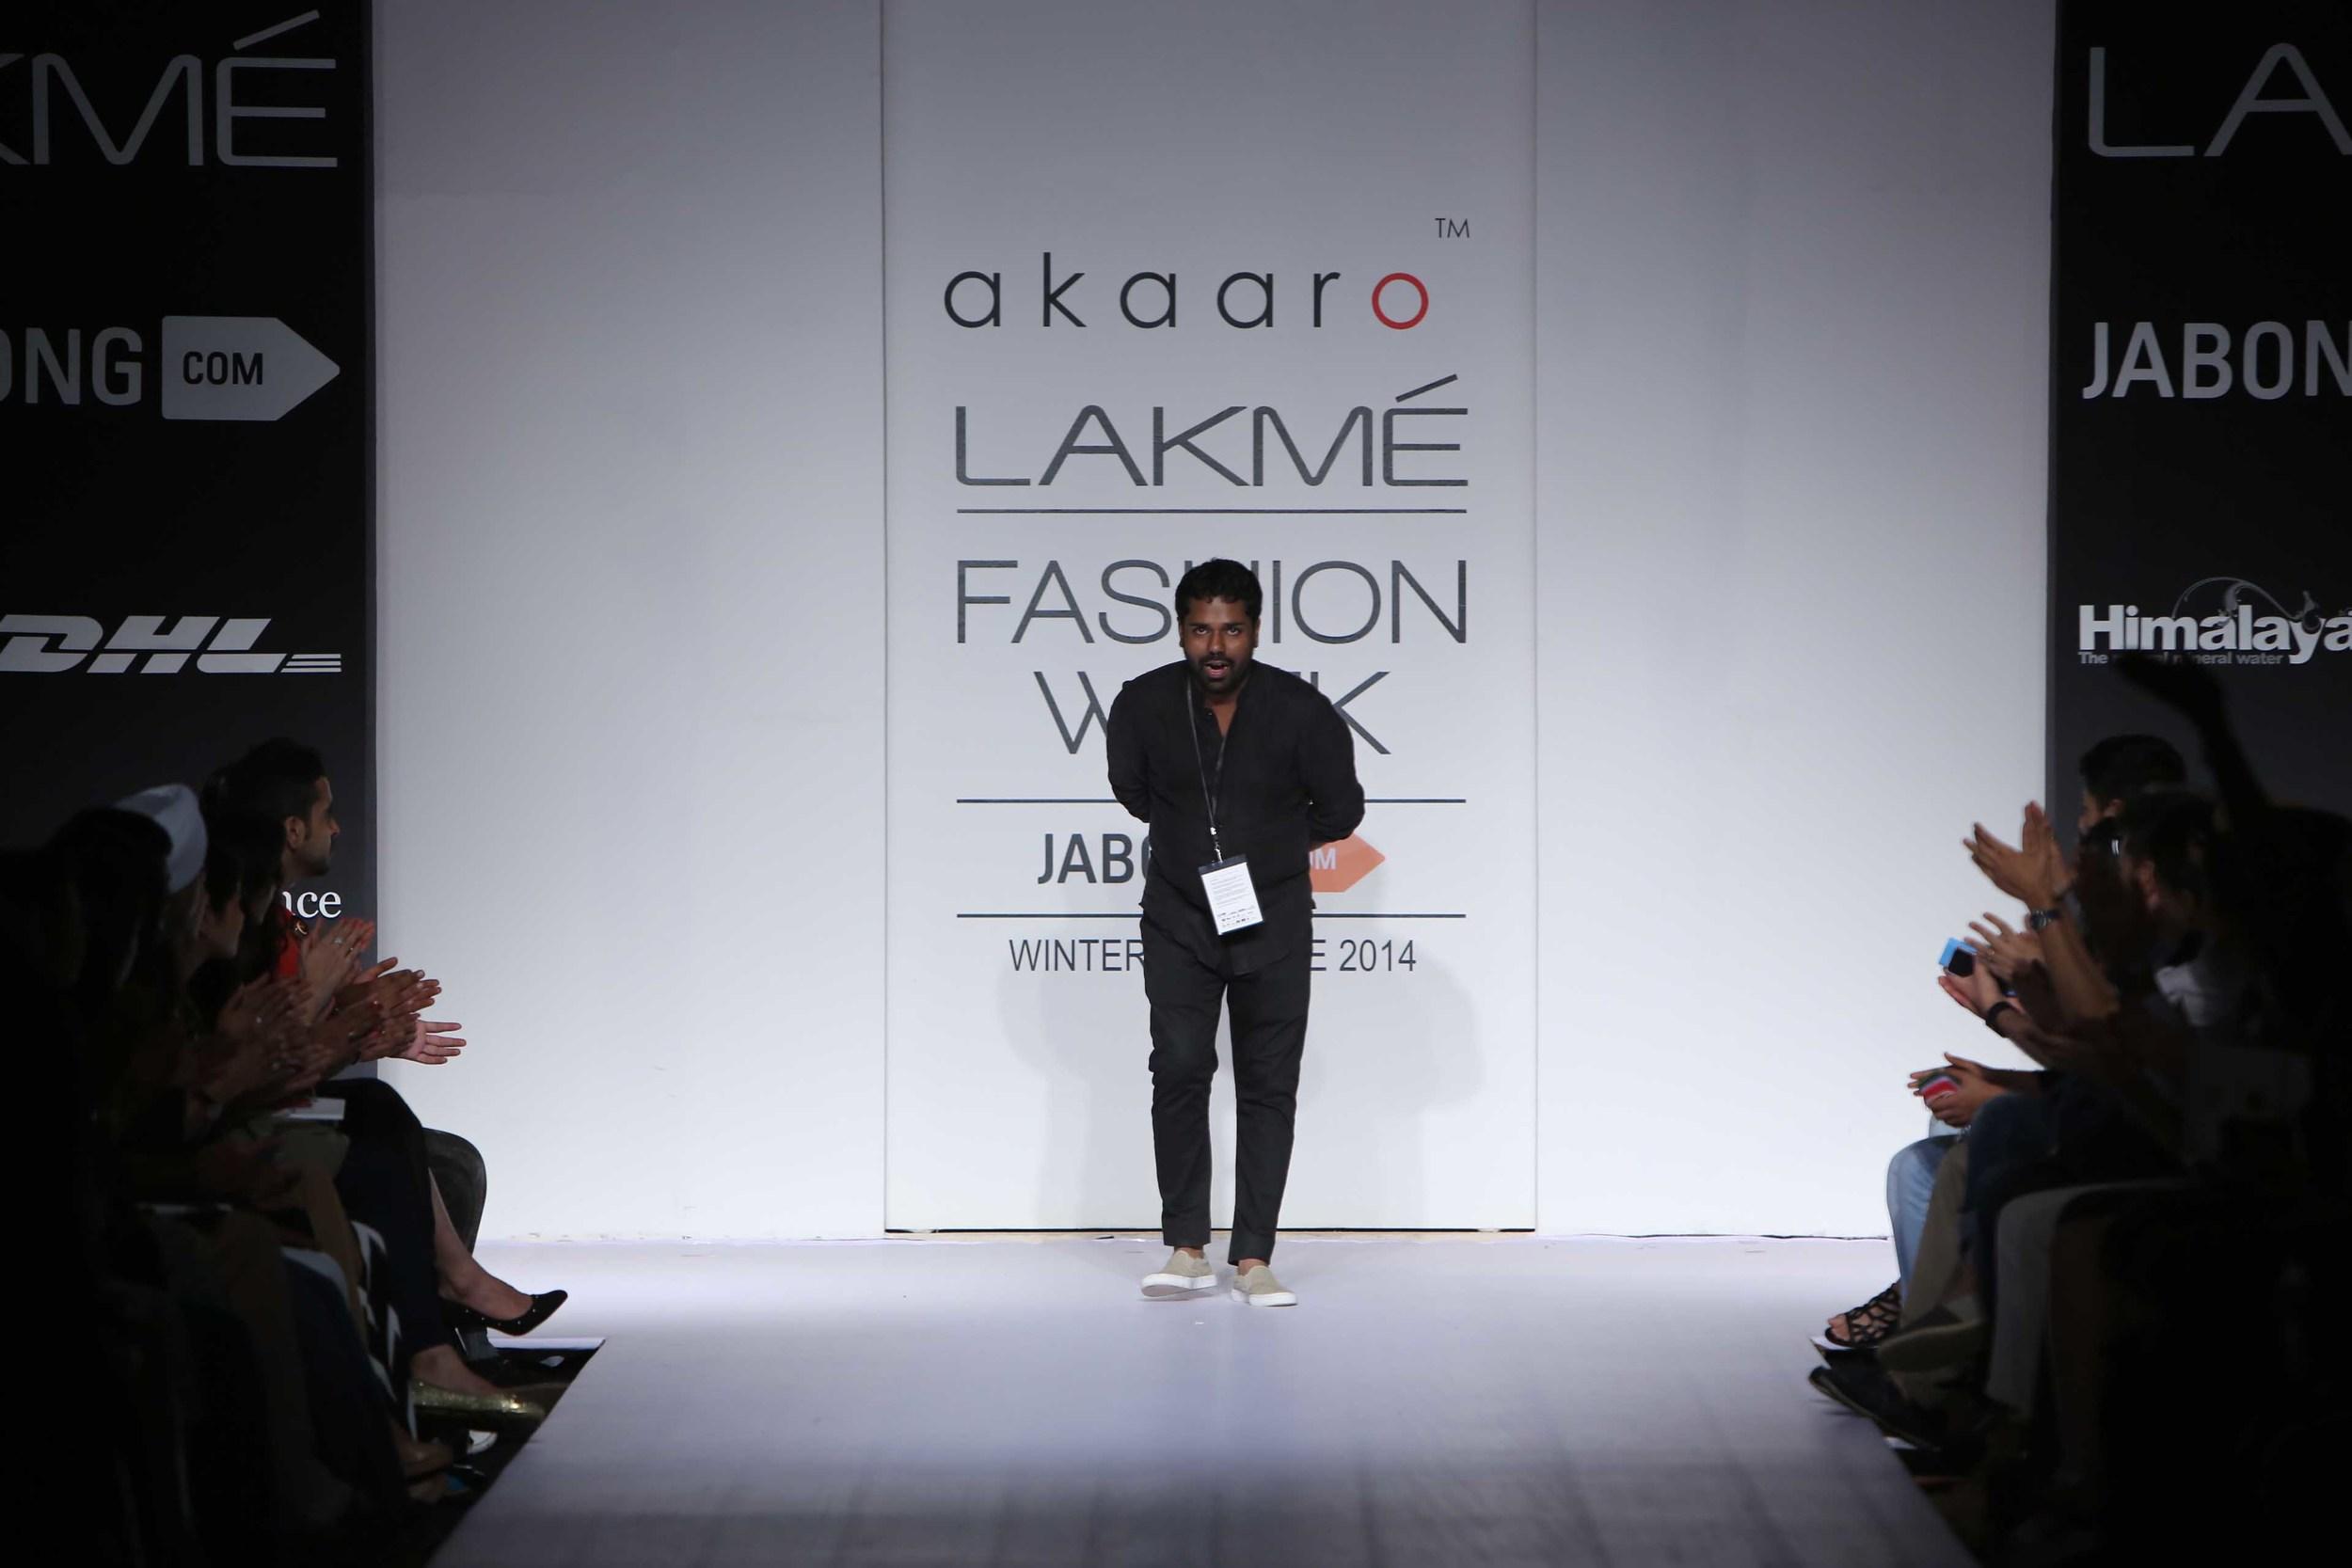 AKAARO by Gaurav Jai Gupta